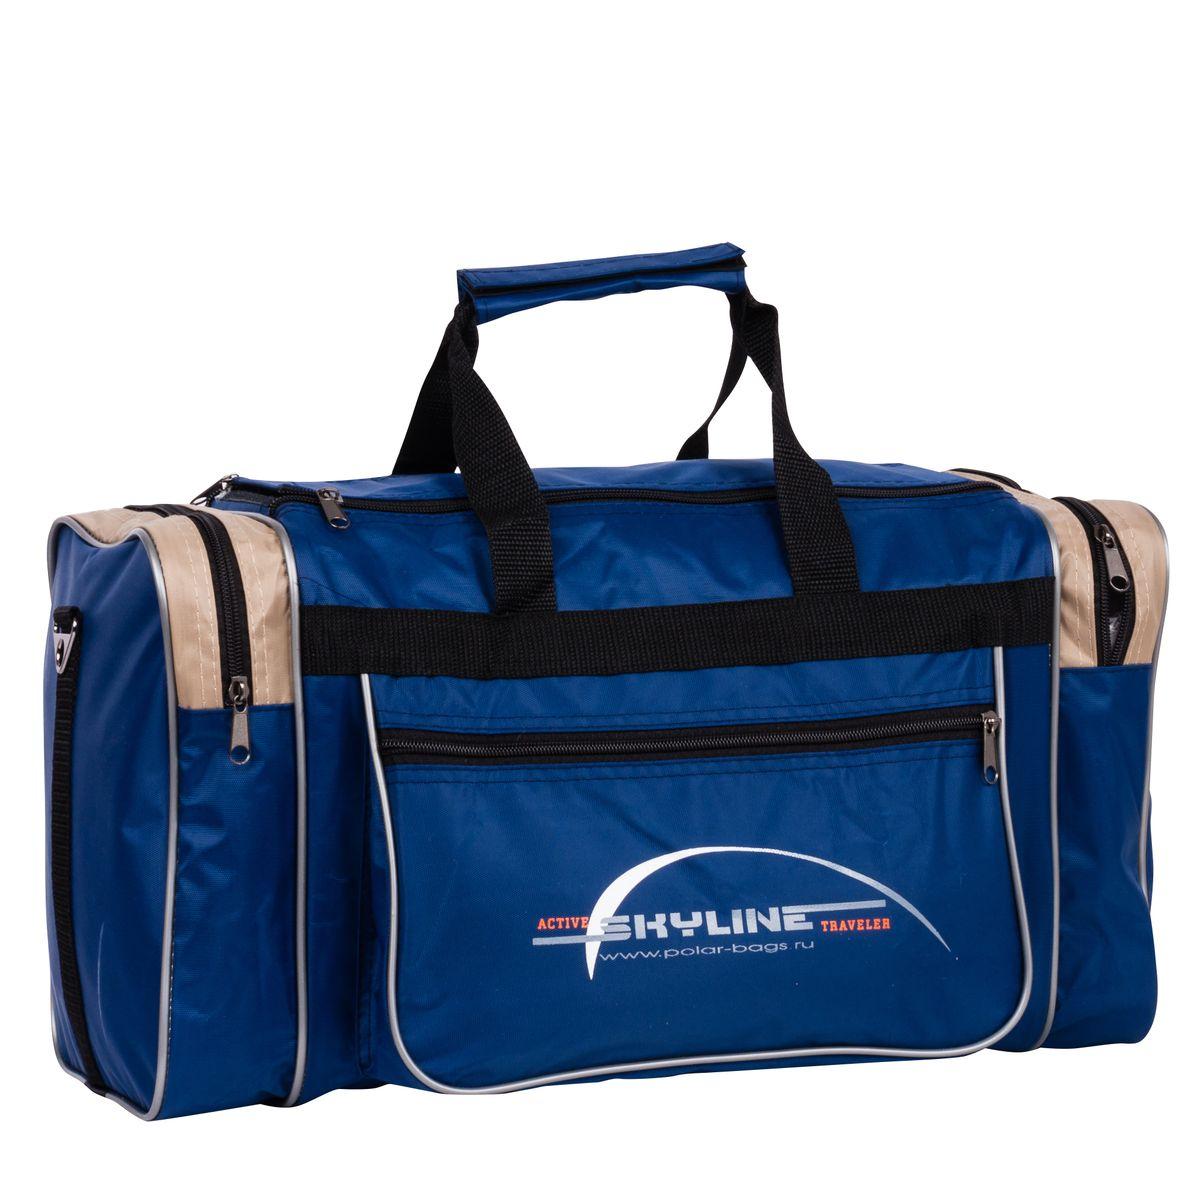 Сумка спортивная Polar, цвет: синий, бежевый, 23 л. 6009L39845800Материал – полиэстер с водоотталкивающей пропиткой. Вместительная спортивная сумка среднего размера. Одно отделение. Два боковых кармана и два кармана на передней части. В комплект входит съемный плечевой ремень. Эта сумка идеально подойдет для спорта и отдыха. Спортивная сумка для ваших вещей.